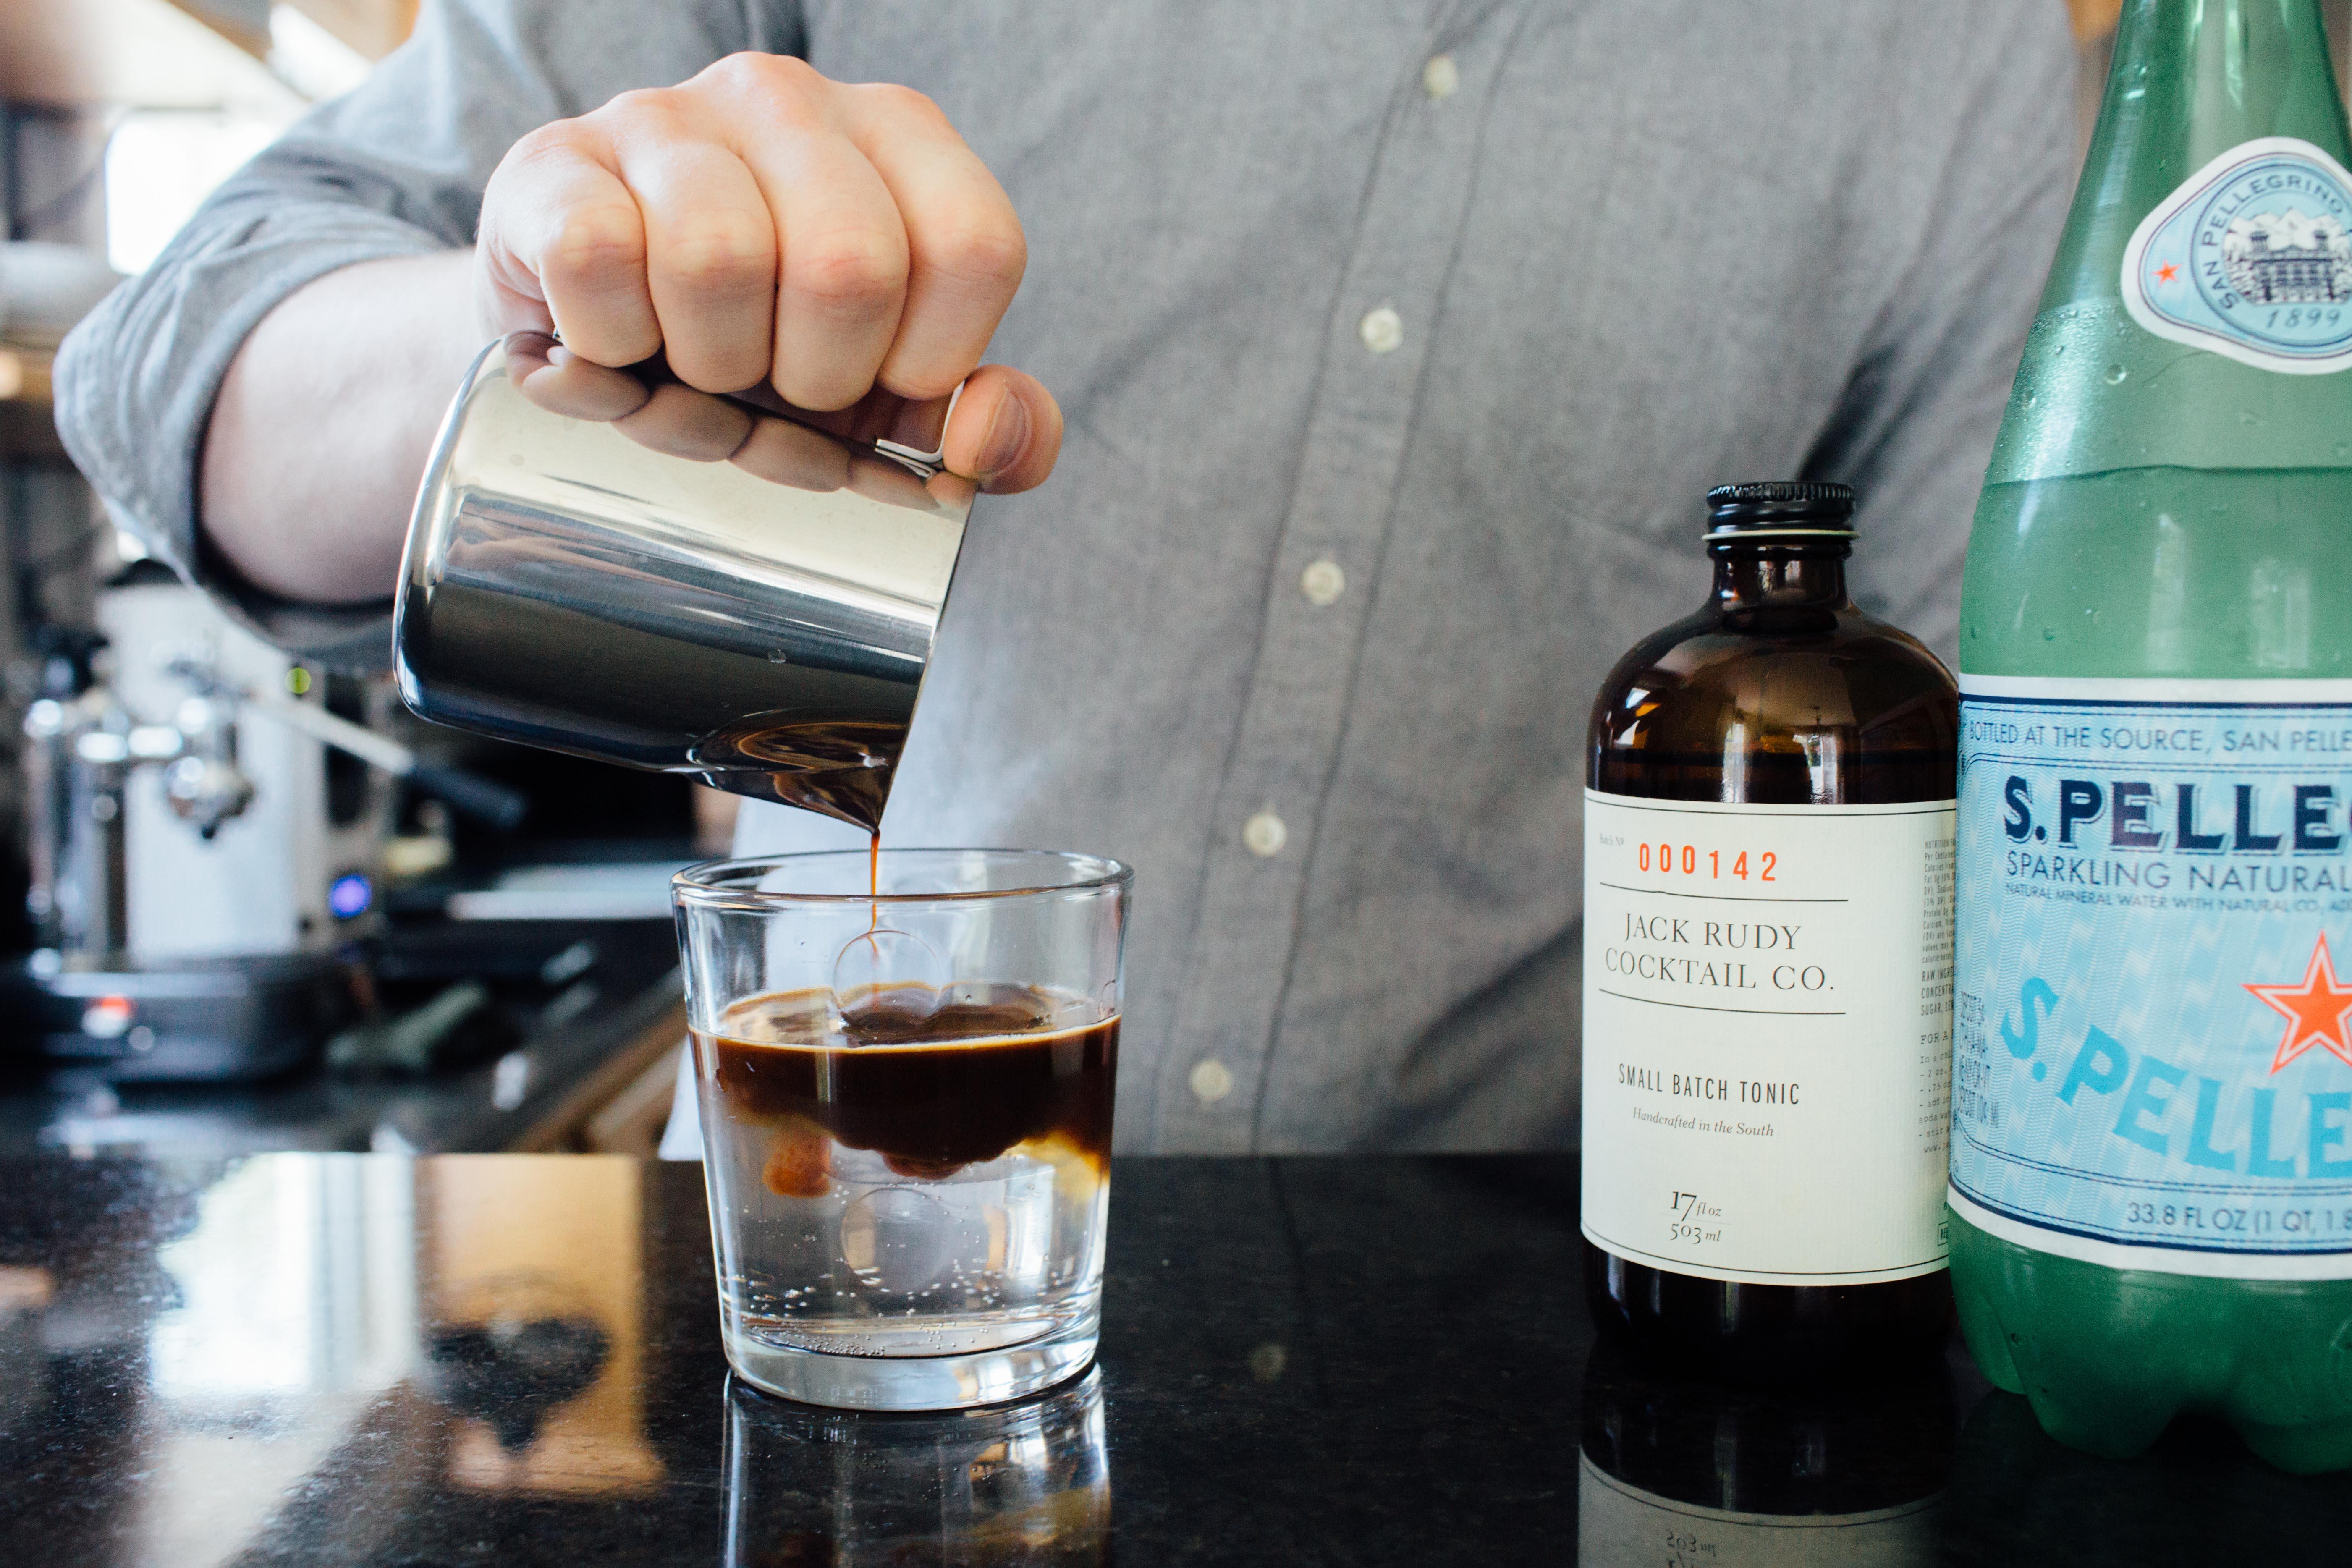 Add espresso and enjoy